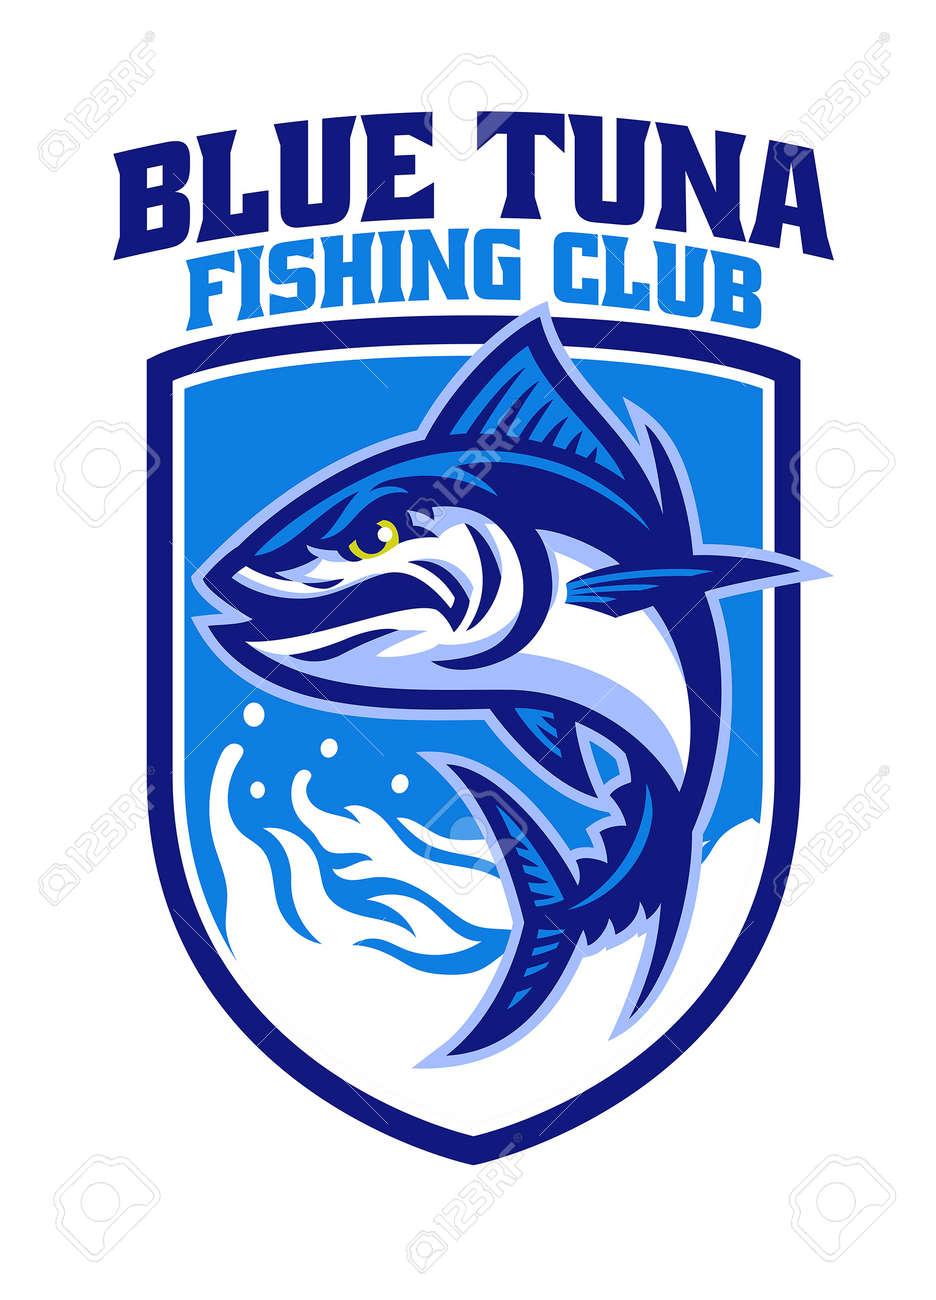 Tuna fishing mascot - 169099740